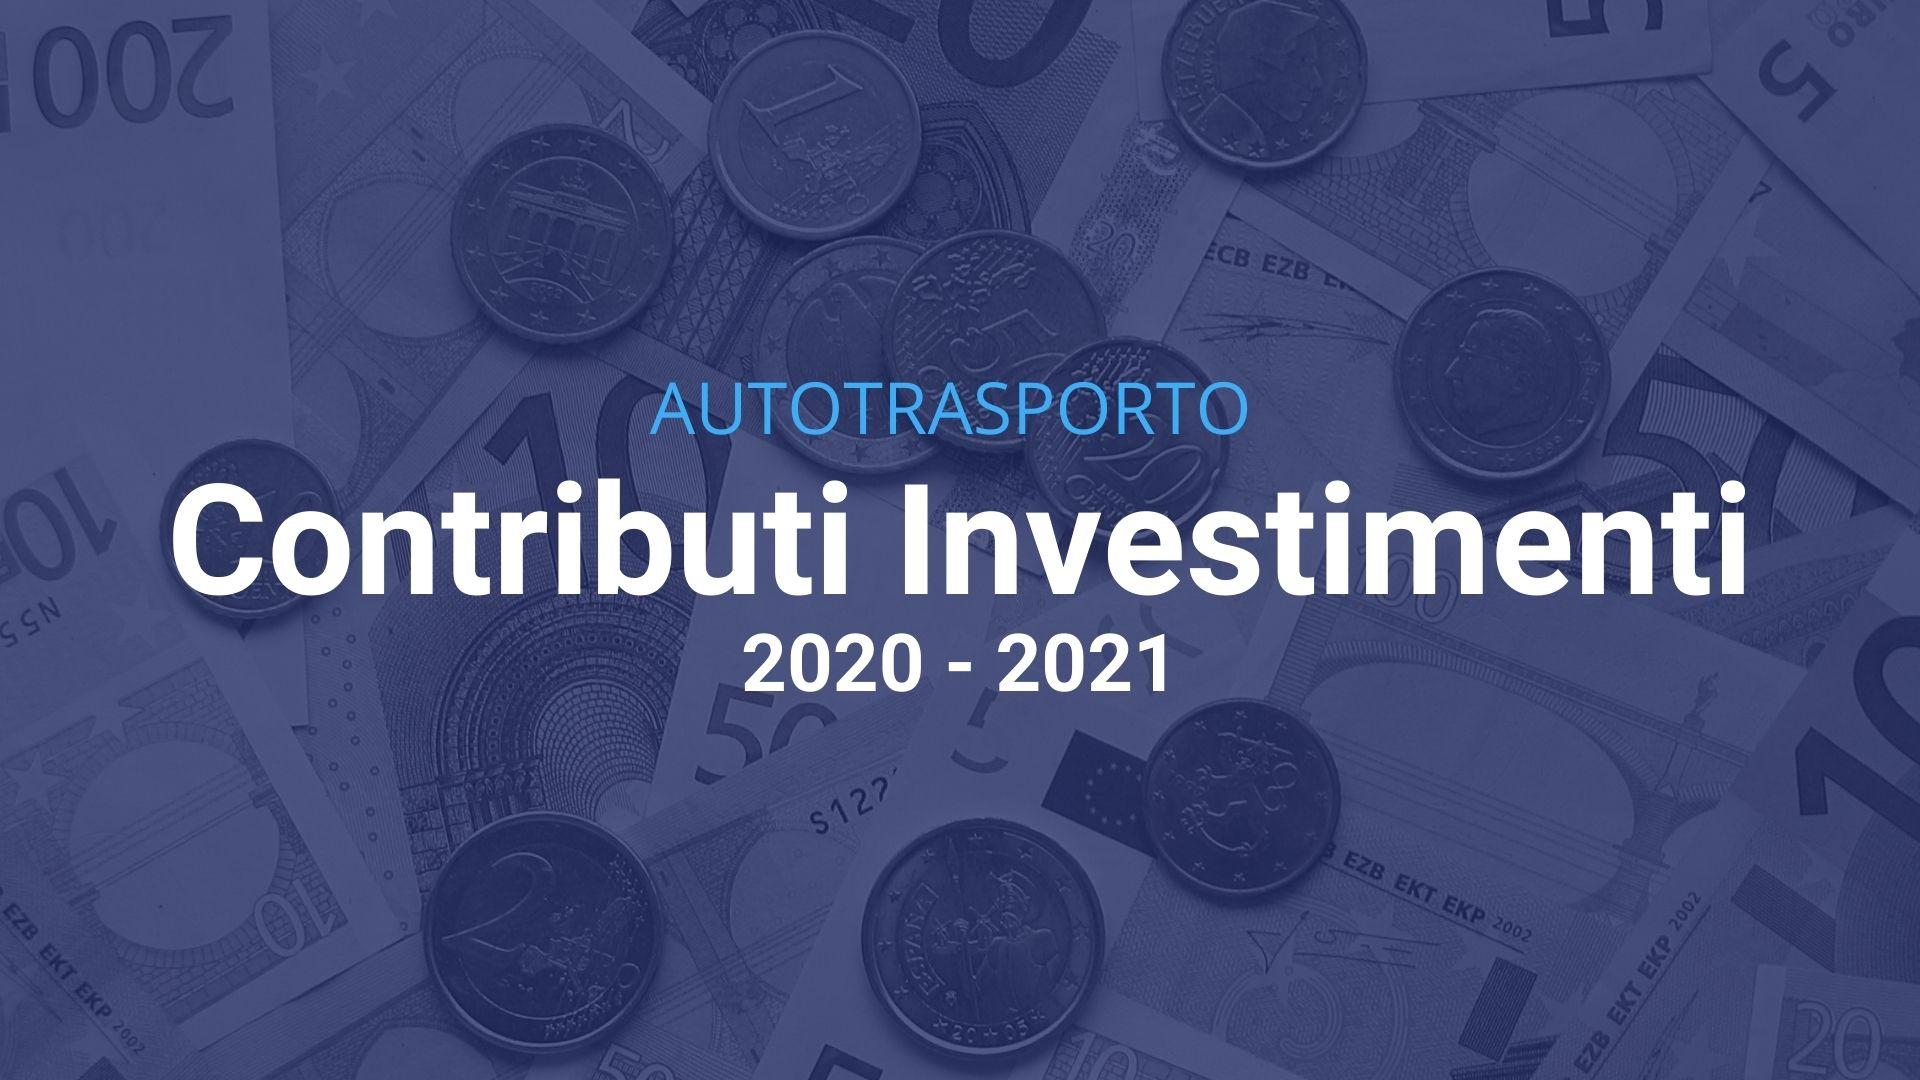 Contributi investimenti autotrasporto 4 v5